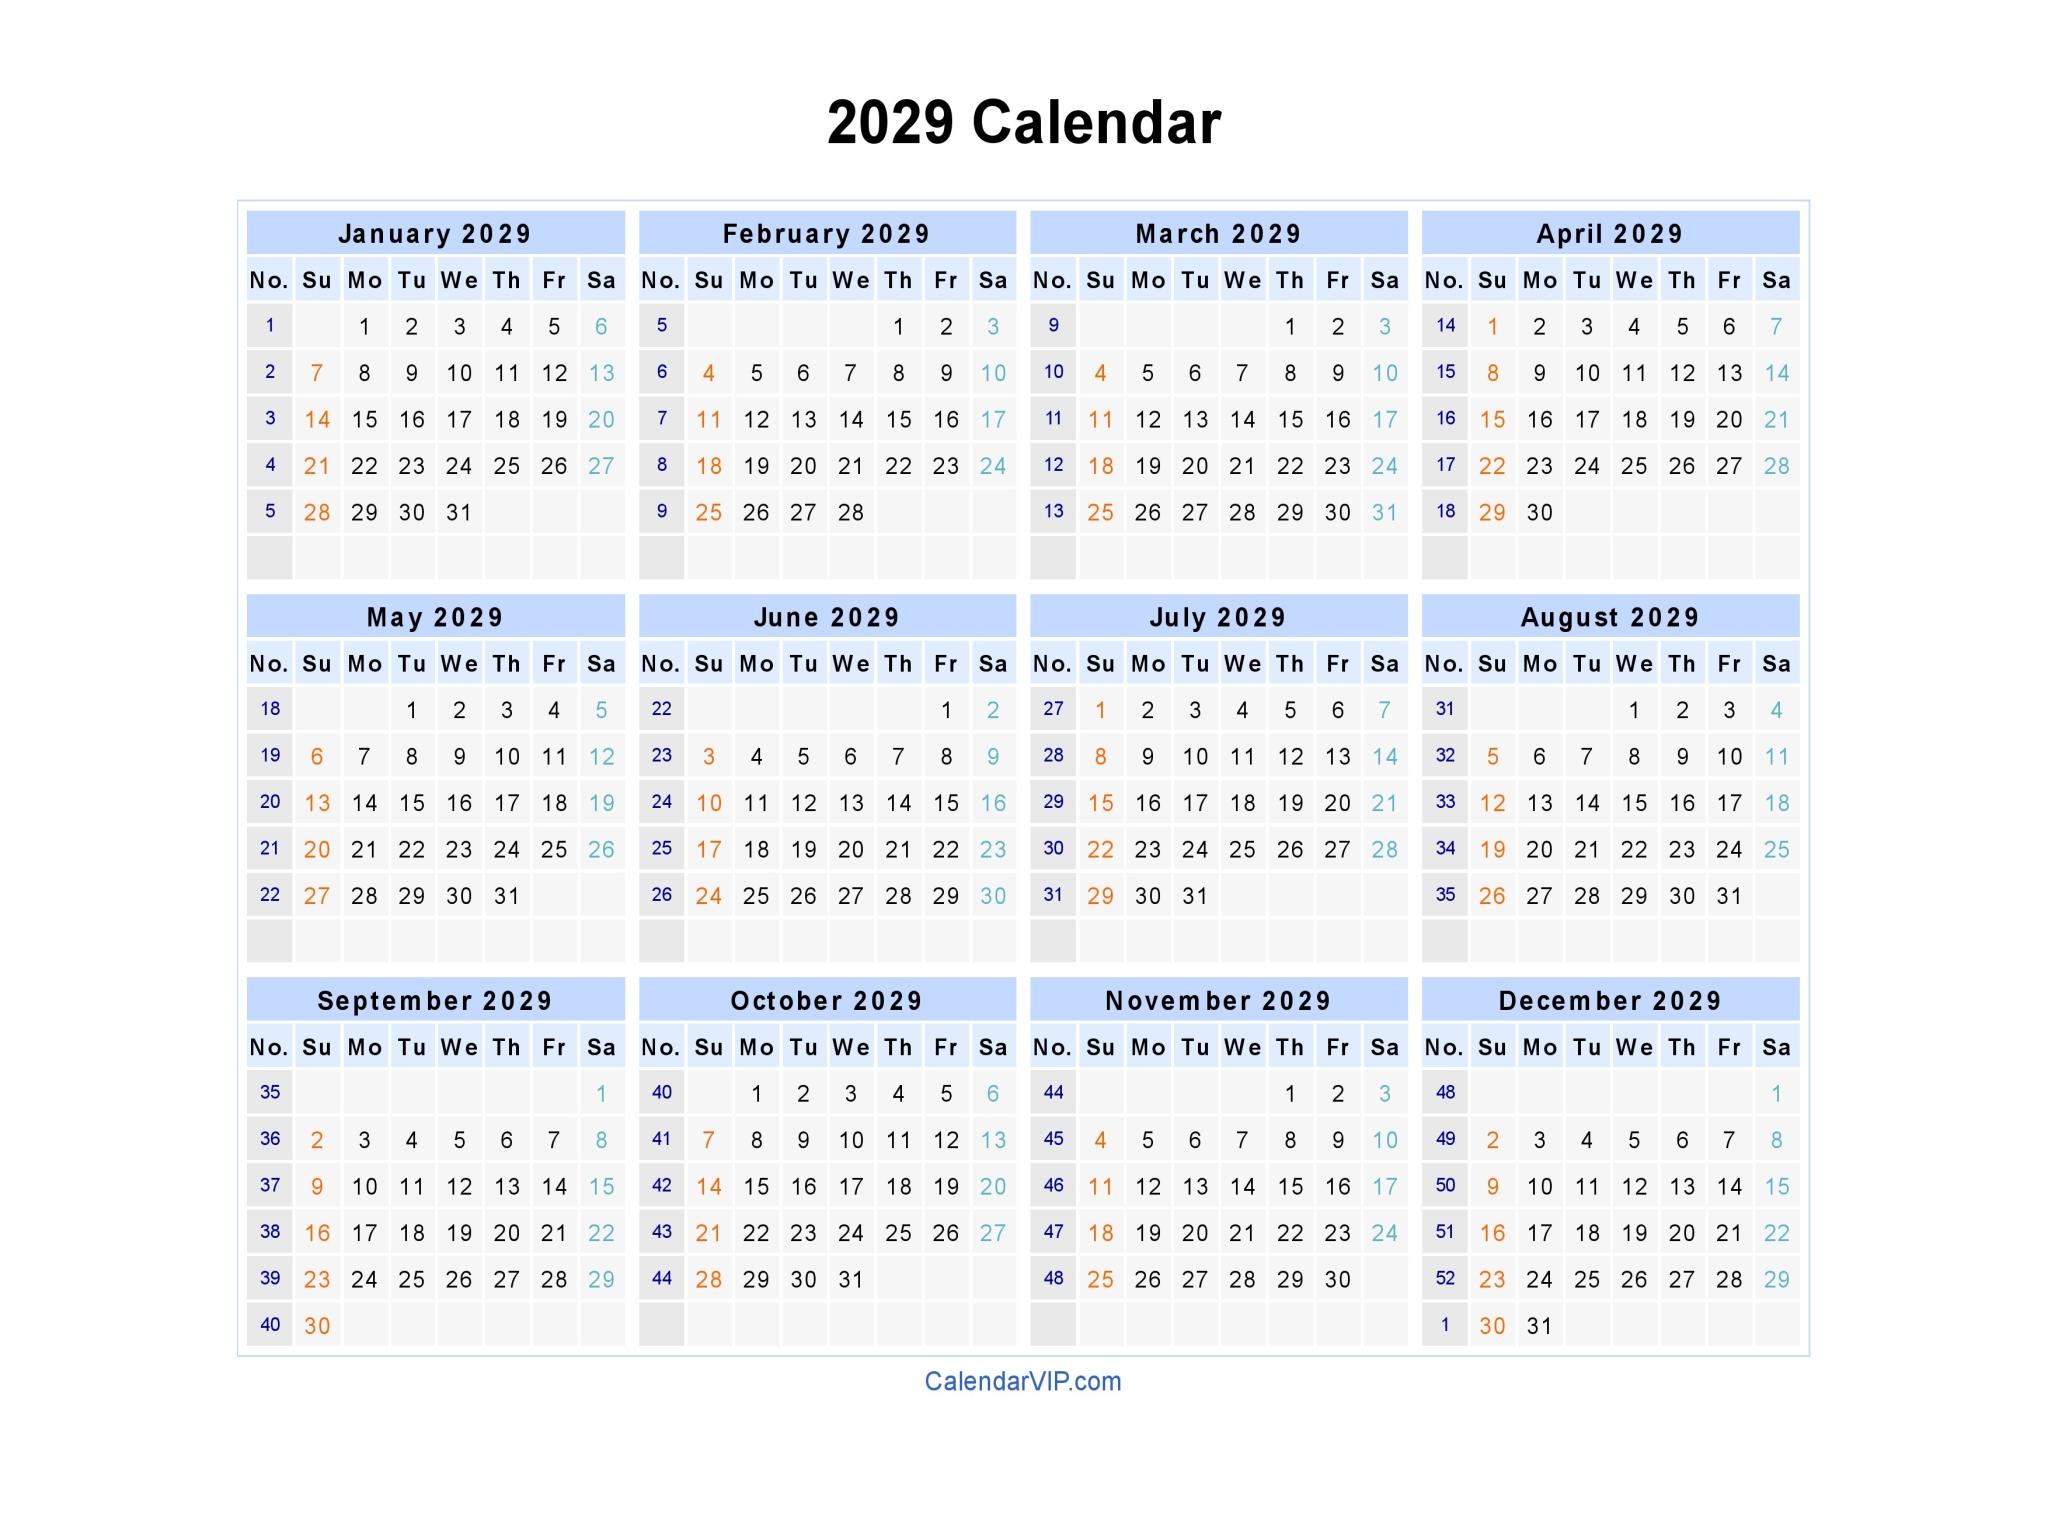 2029 Calendar - Blank Printable Calendar Template in PDF Word Excel